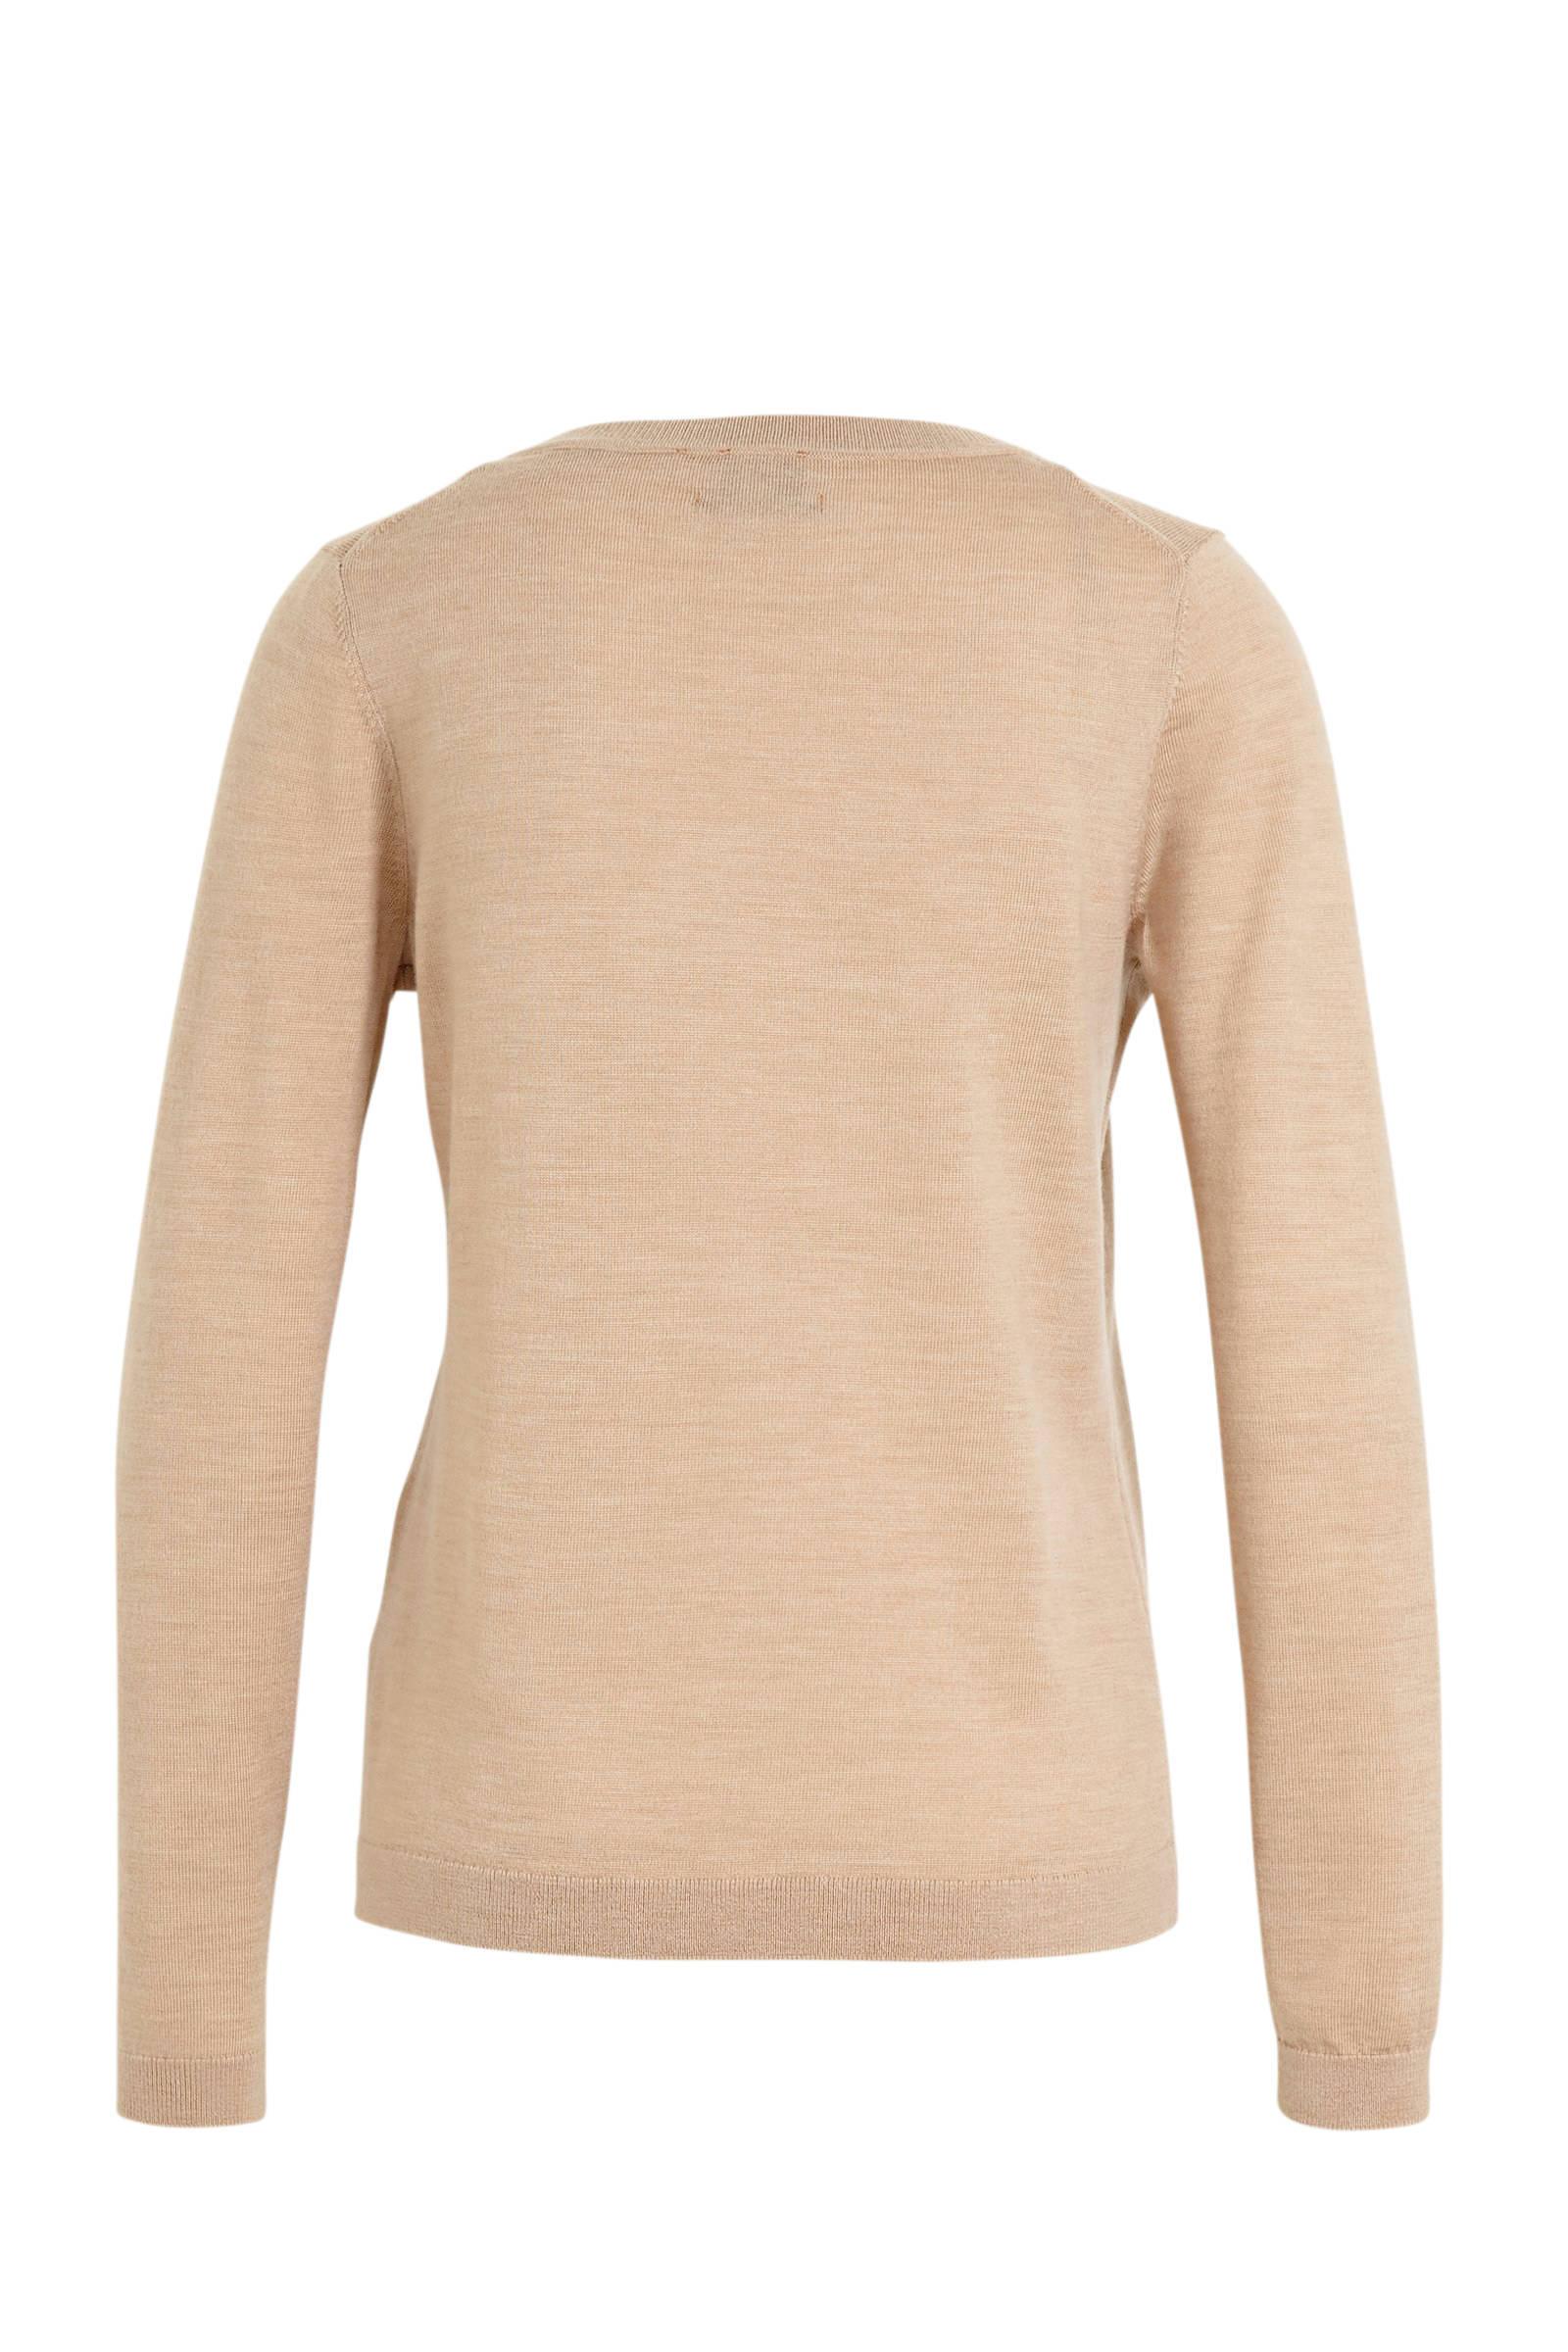 C&A fijngebreide wollen trui beige | wehkamp